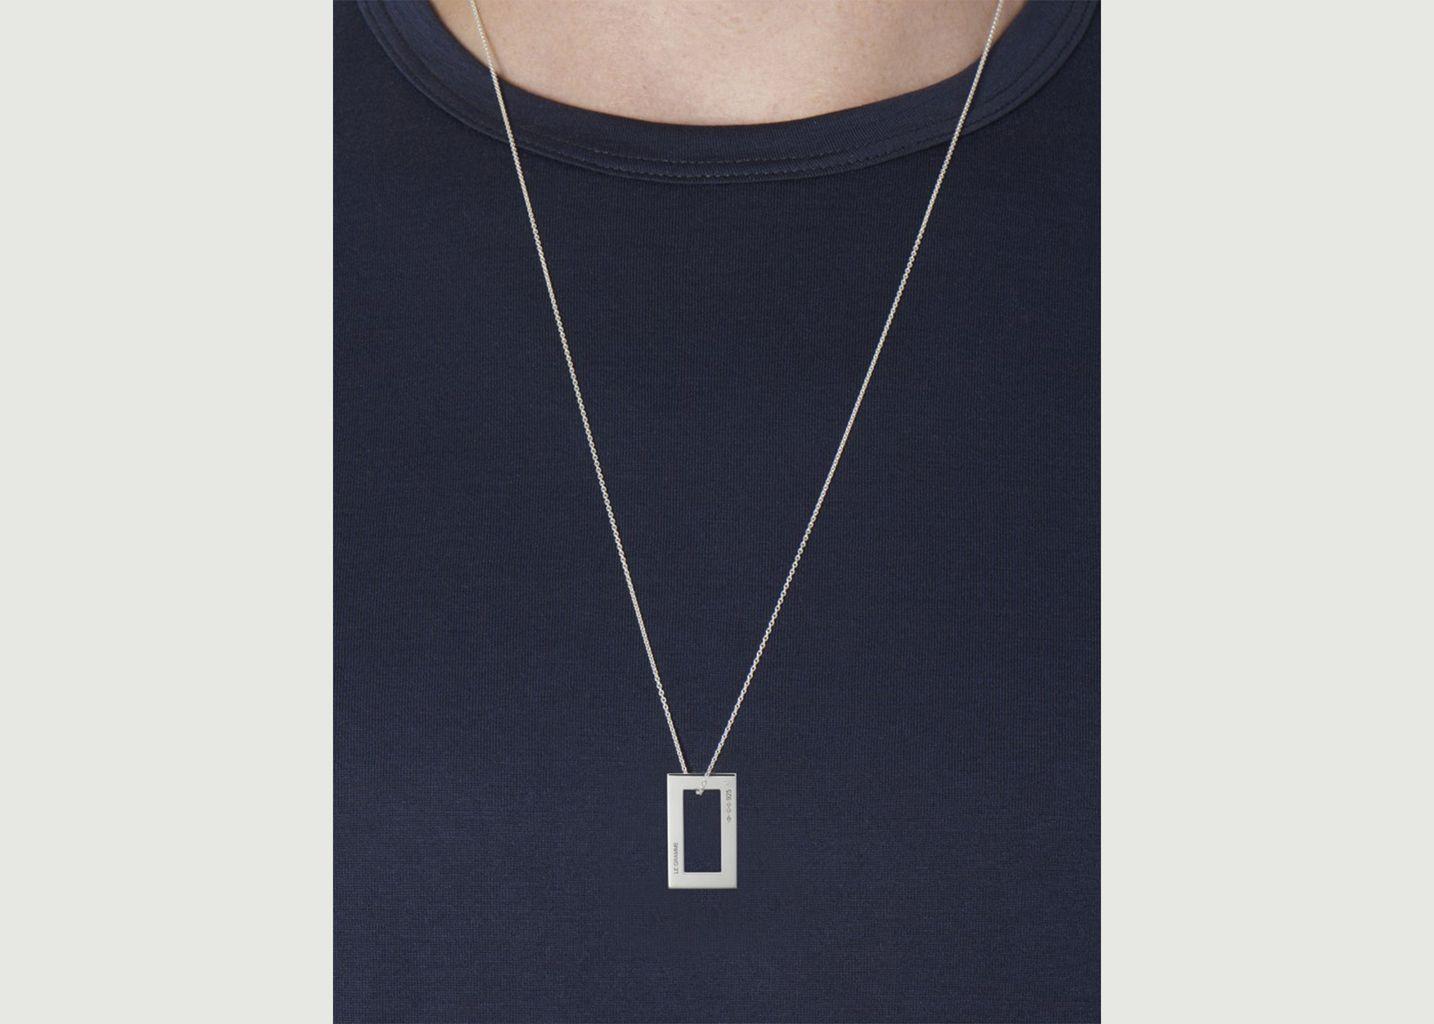 Collier Médaille 3.4g - Le Gramme